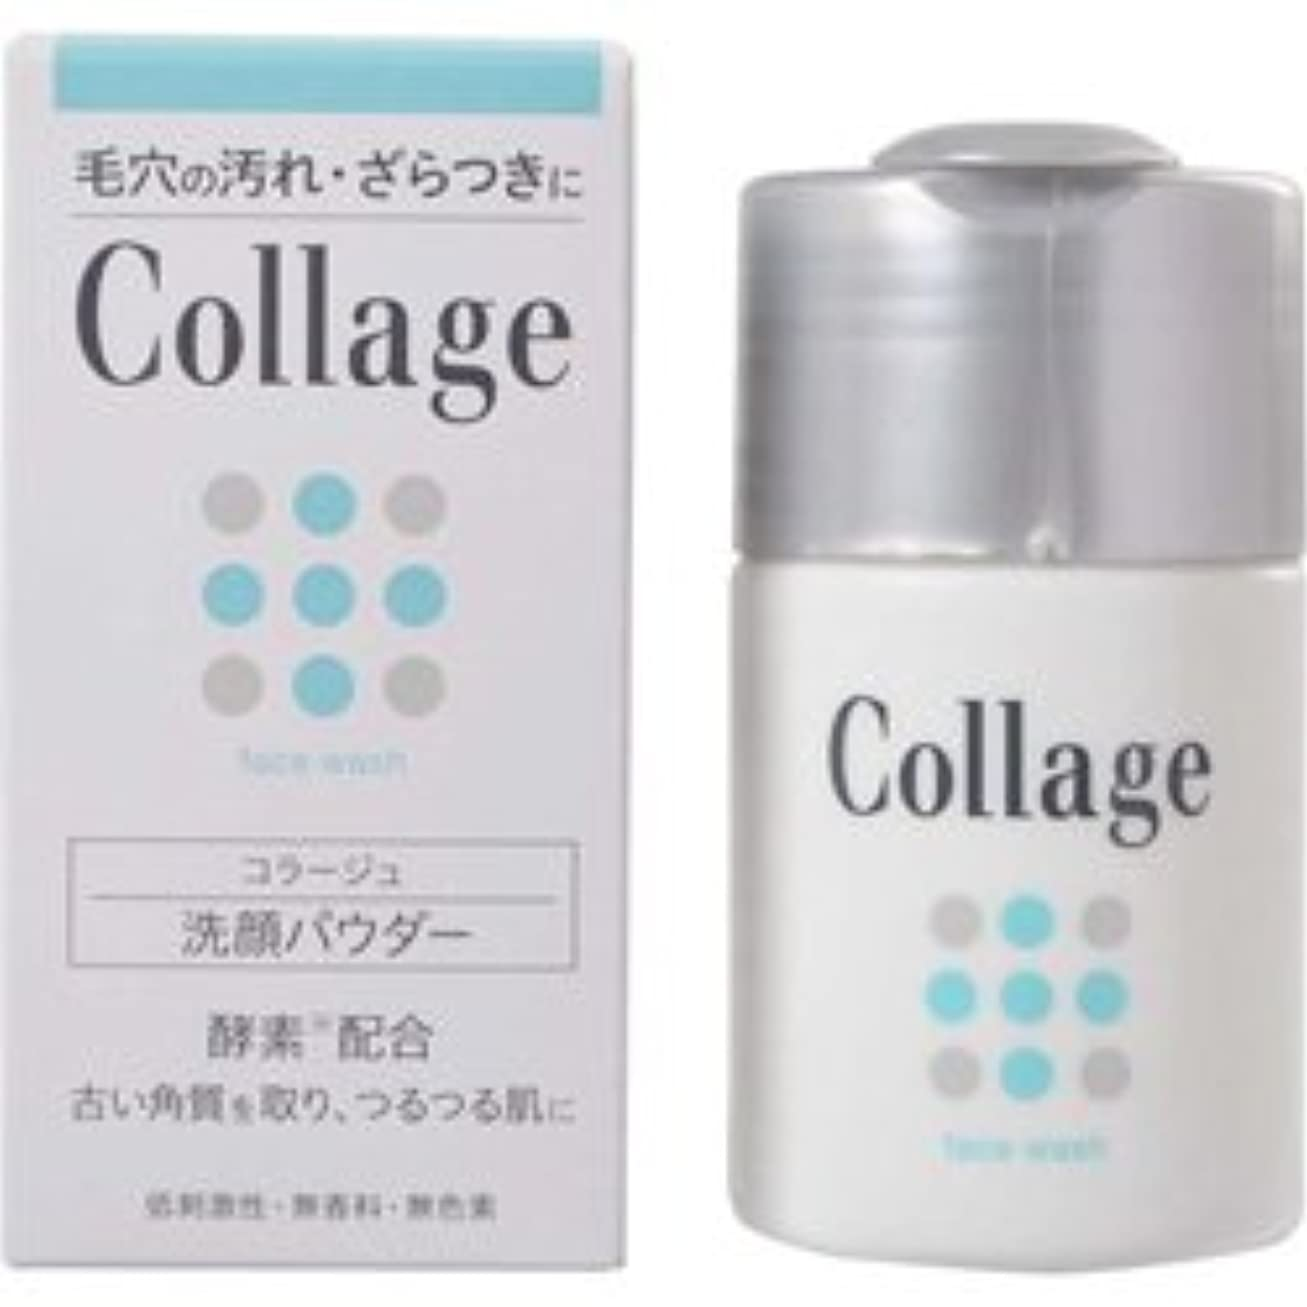 ランプビルマ思慮のない【持田ヘルスケア】 コラージュ洗顔パウダー 40g ×5個セット